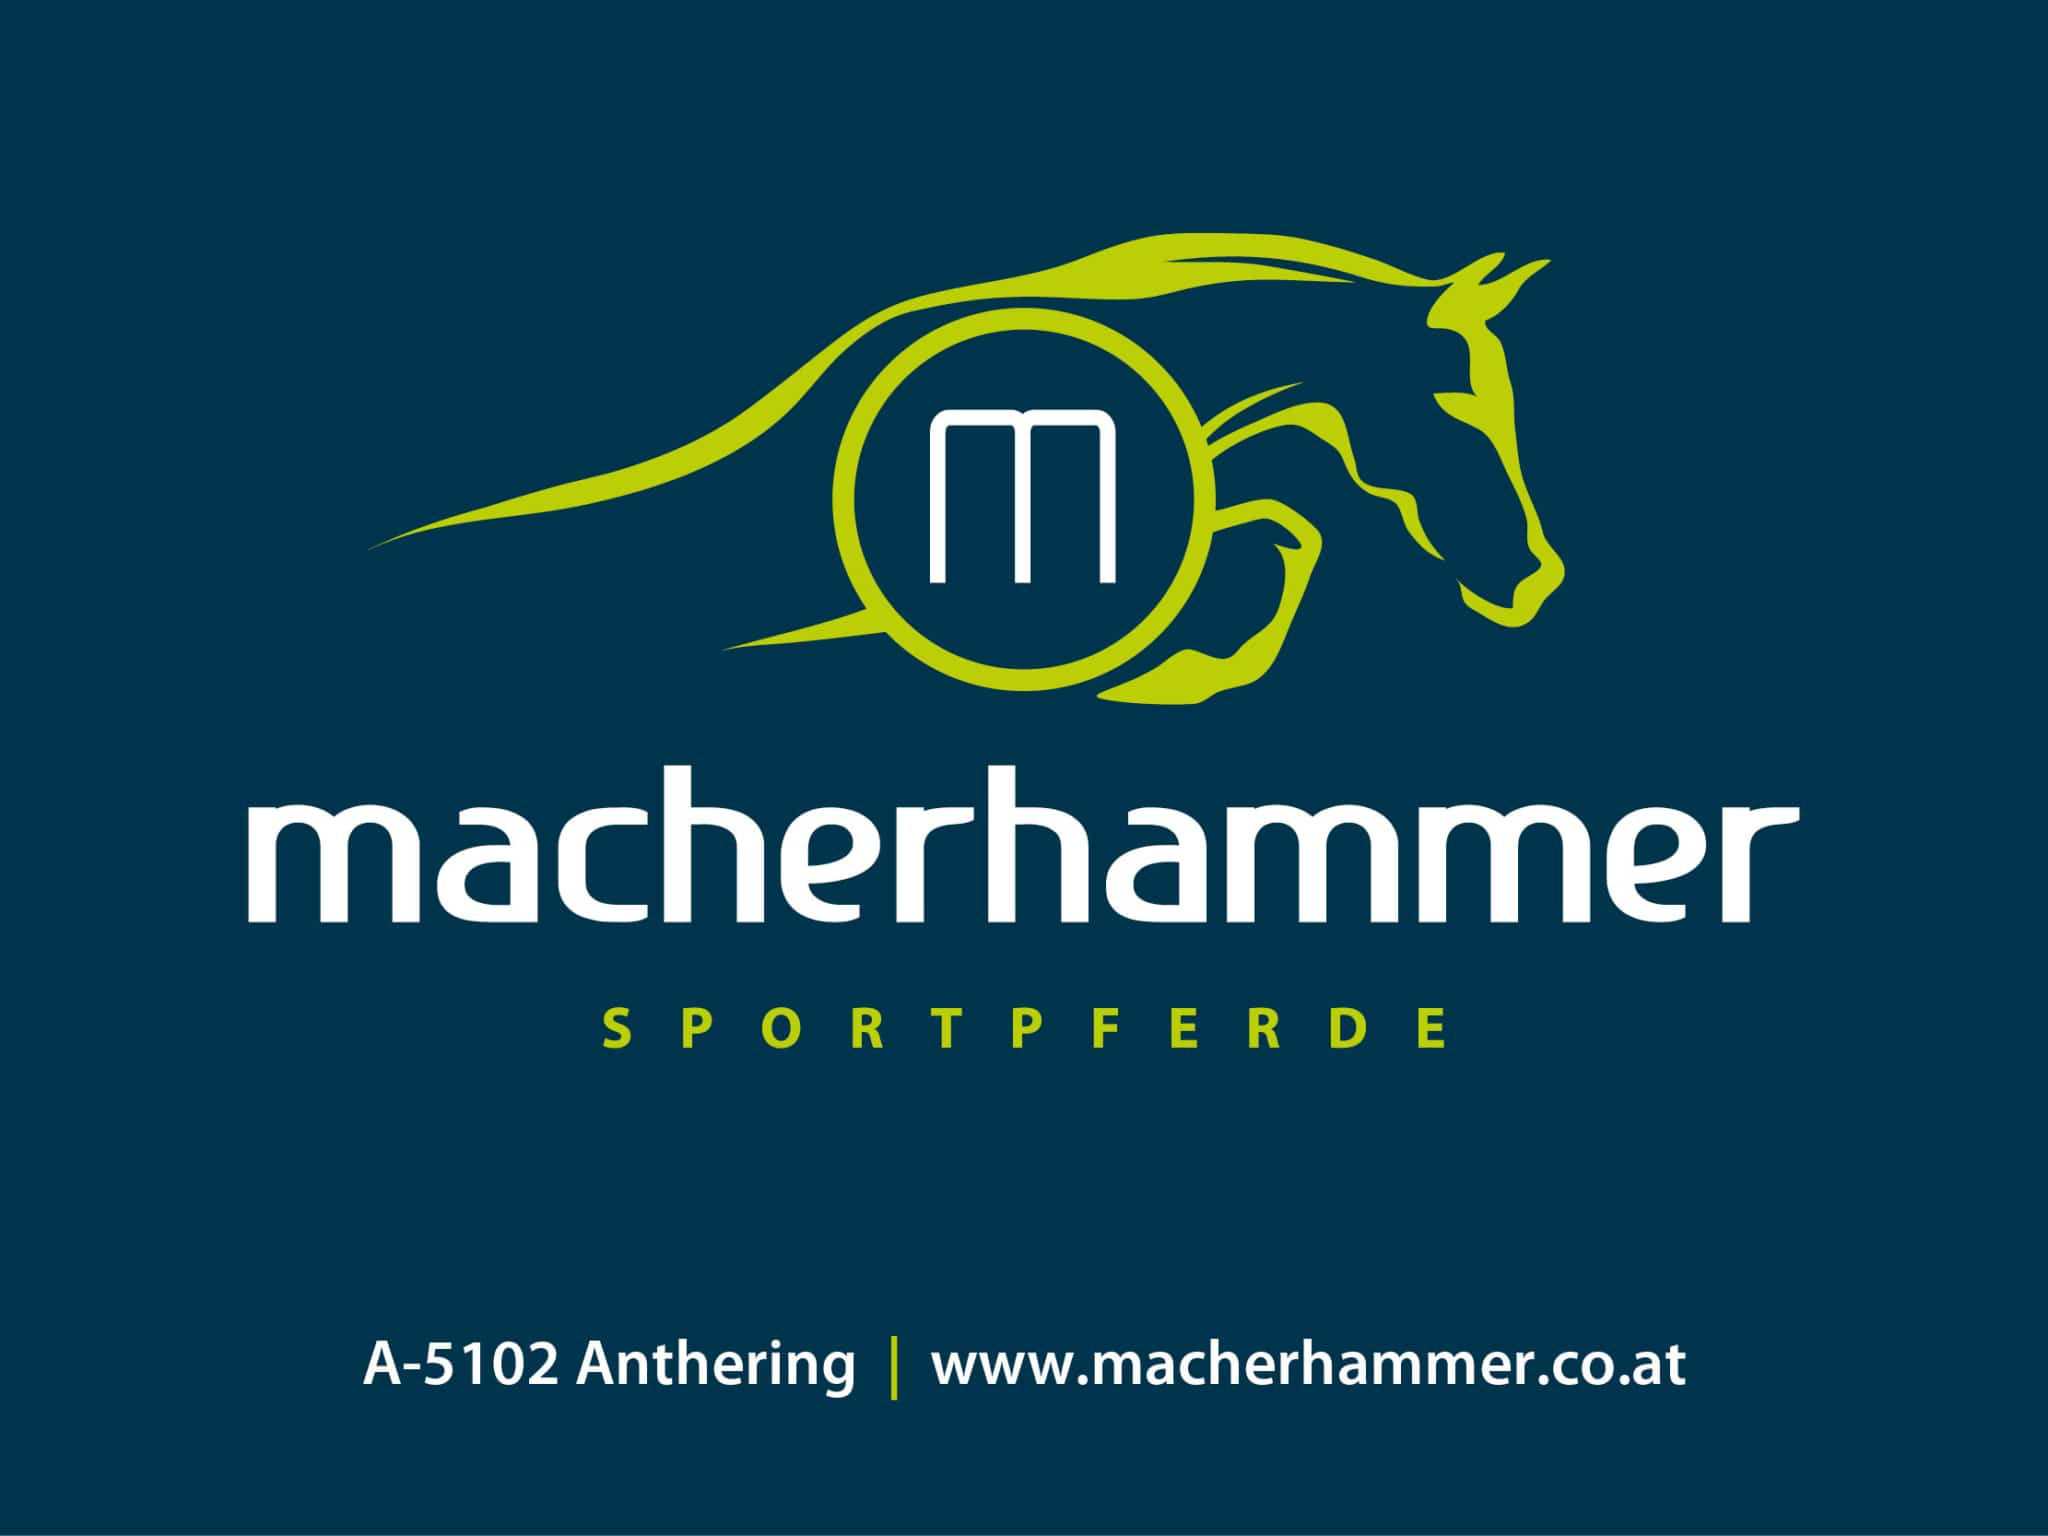 Macherhammer